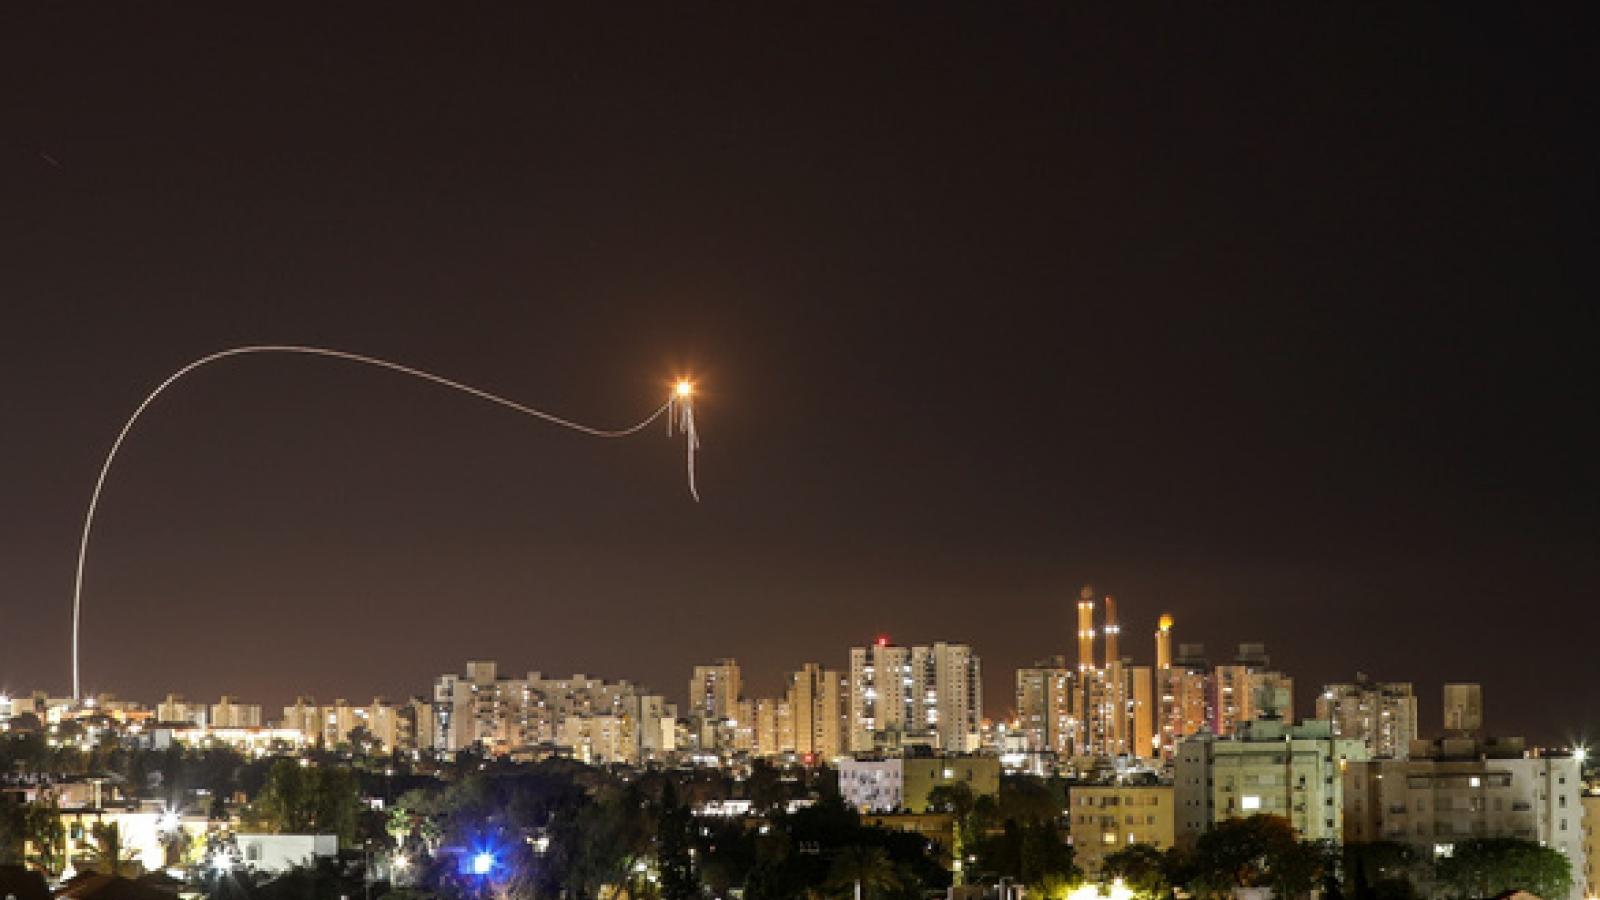 Xung đột tại Gaza tăng nhiệt, quốc tế nỗ lực thúc đẩy lệnh ngừng bắn